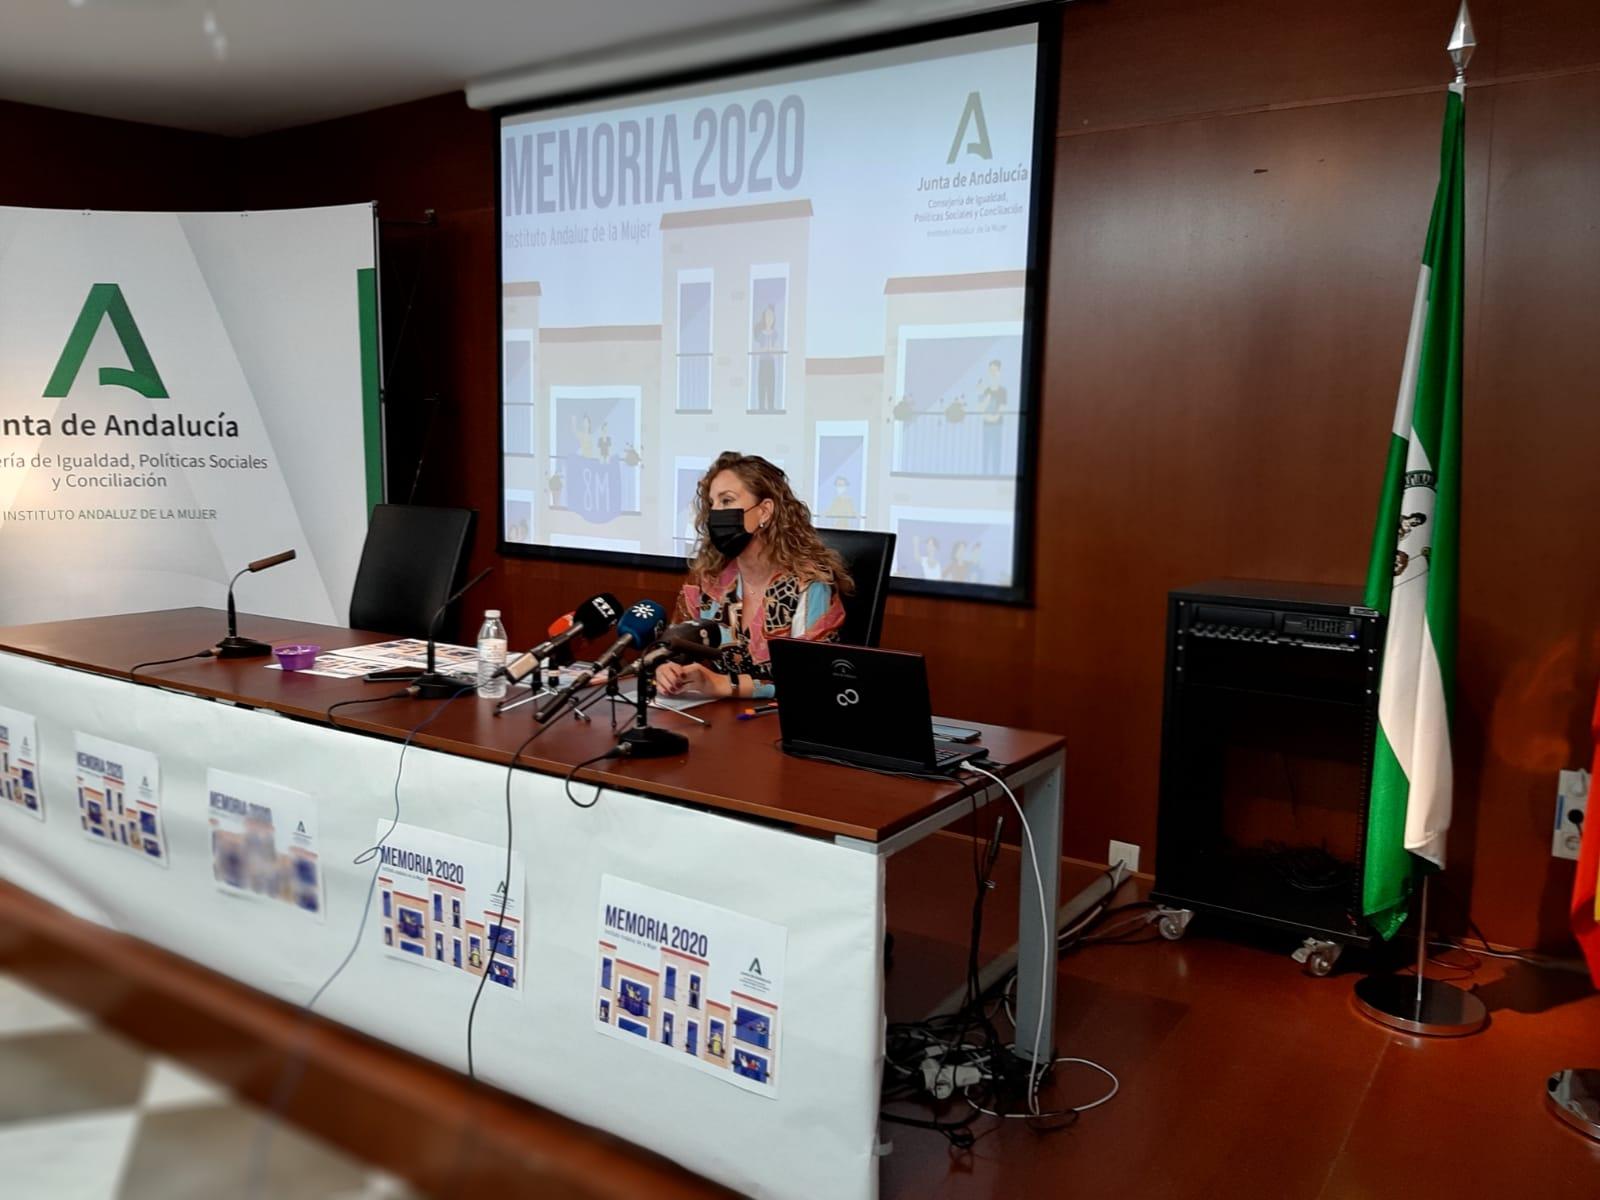 El IAM atendió 9.108 consultas sobre violencia de género en Granada, el doble que en 2019